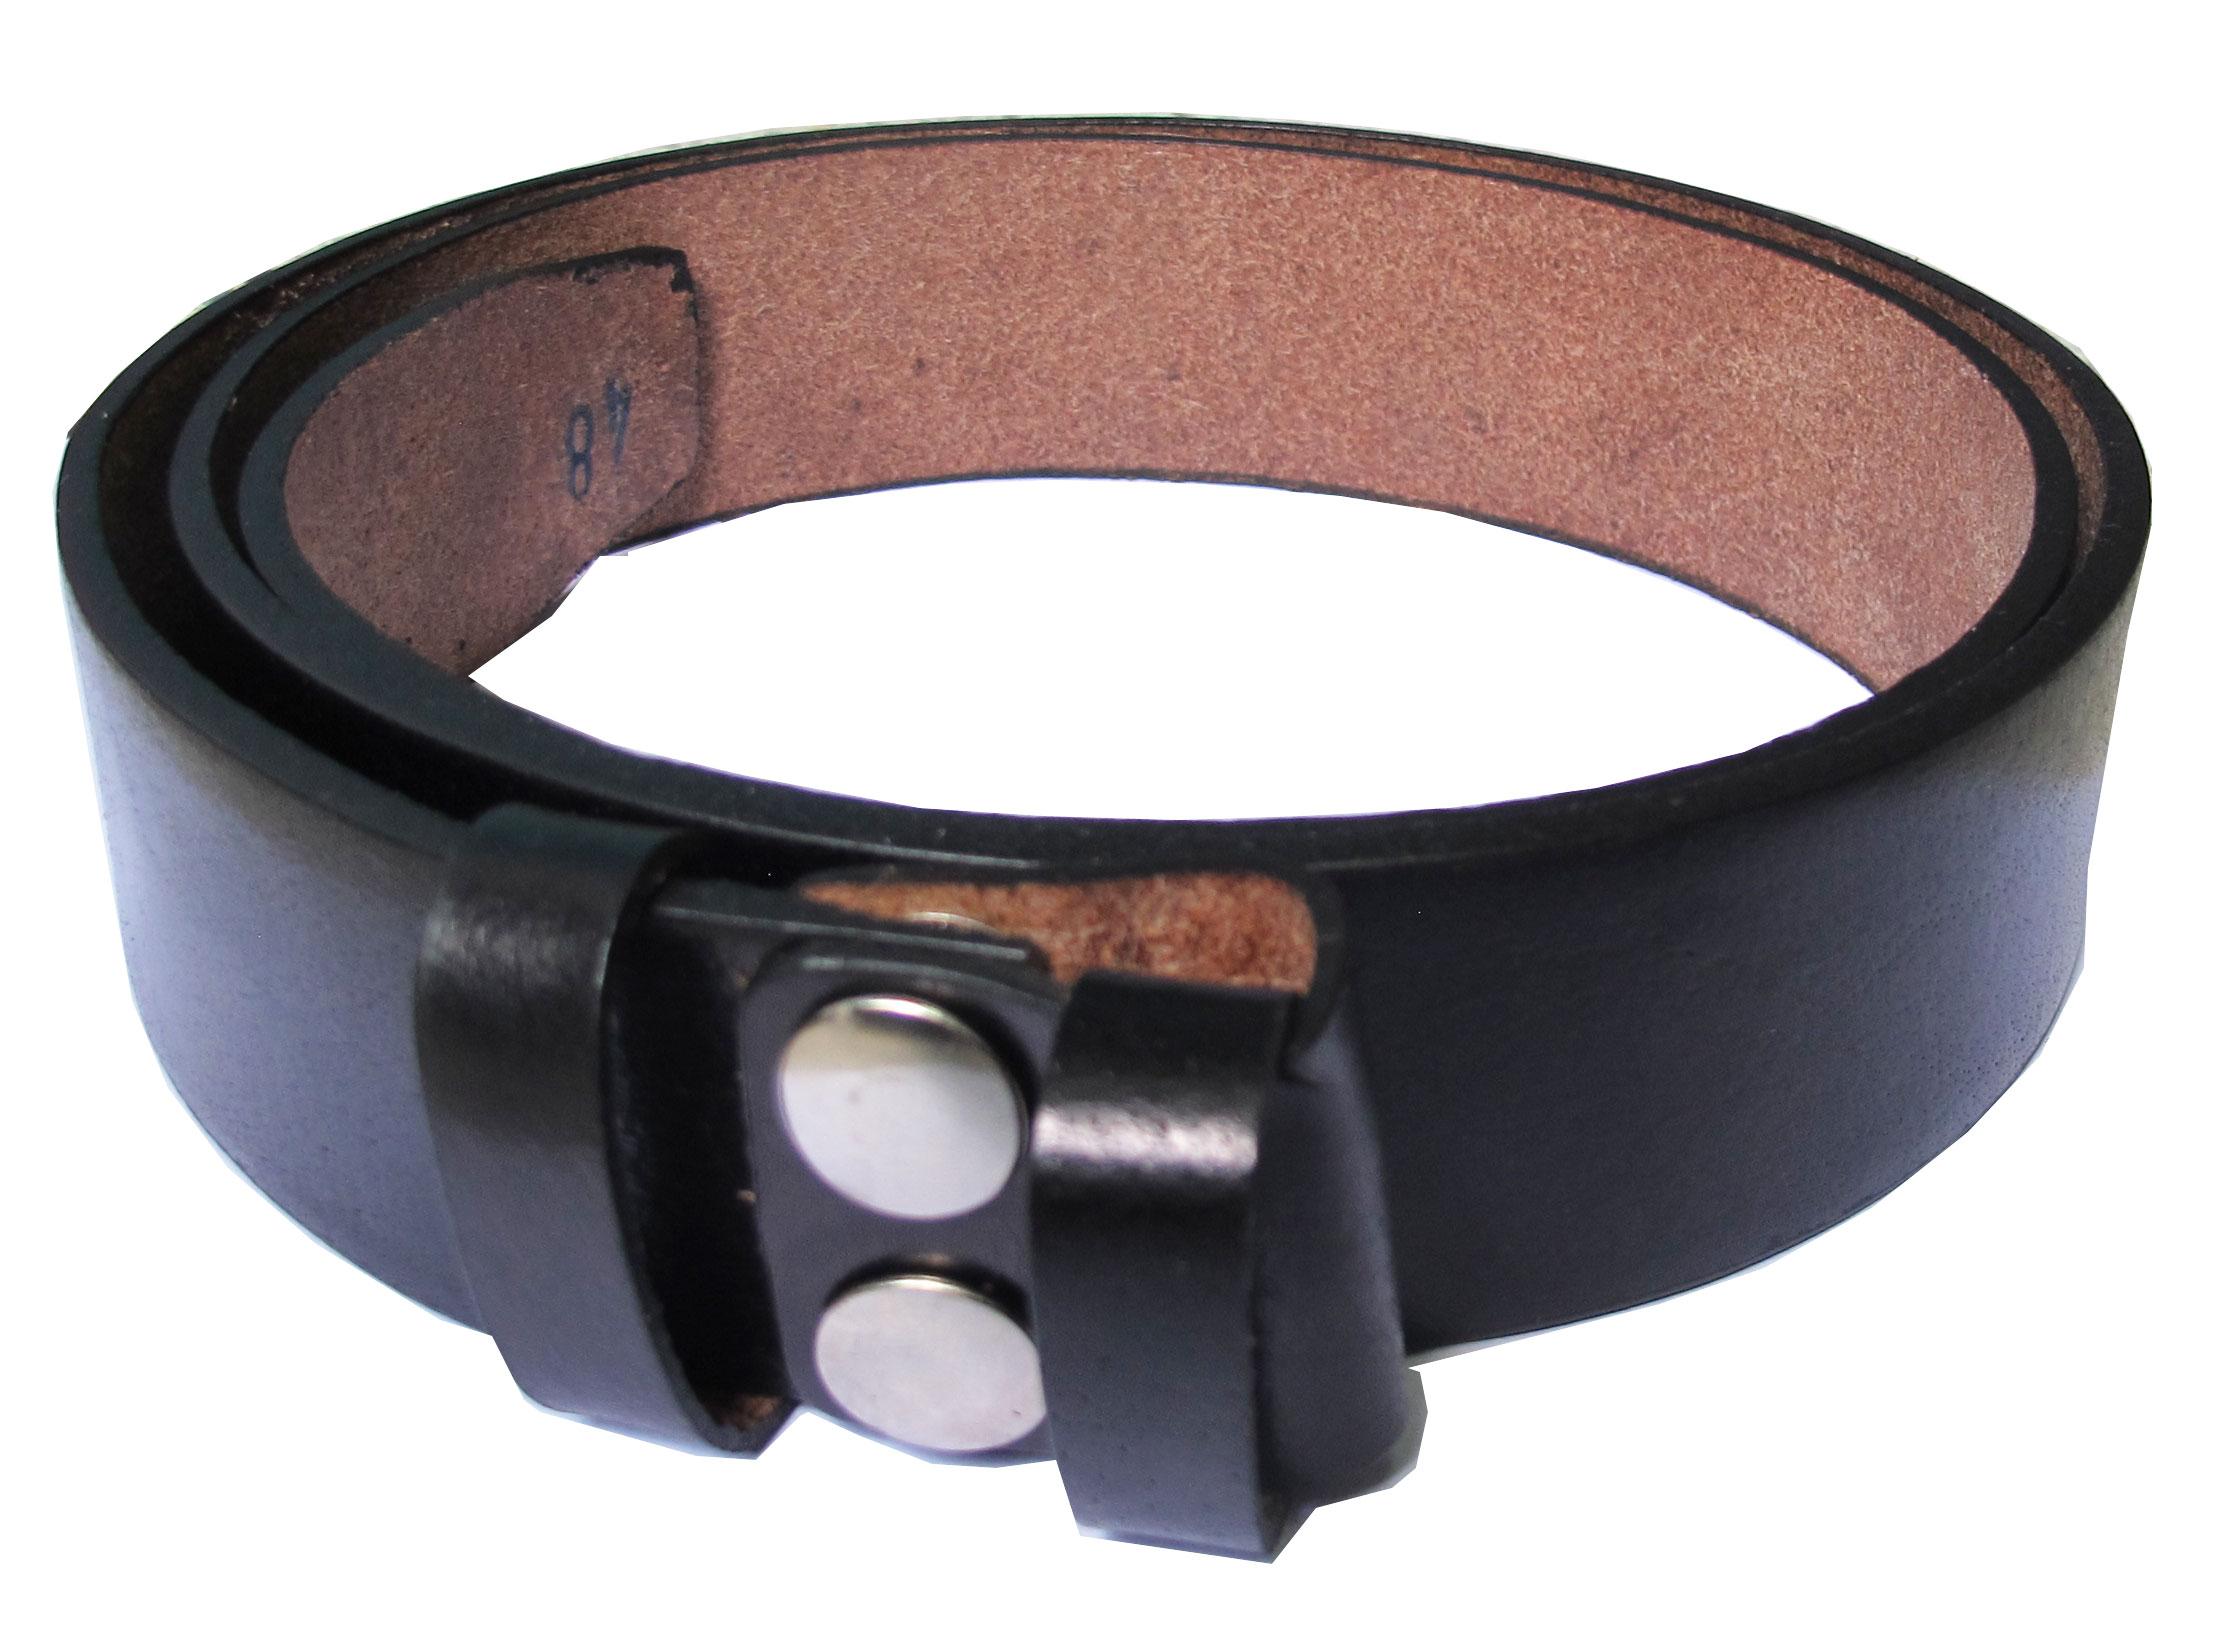 เข็มขัดหนังวัวแท้ สายเข็มขัดสีดำ